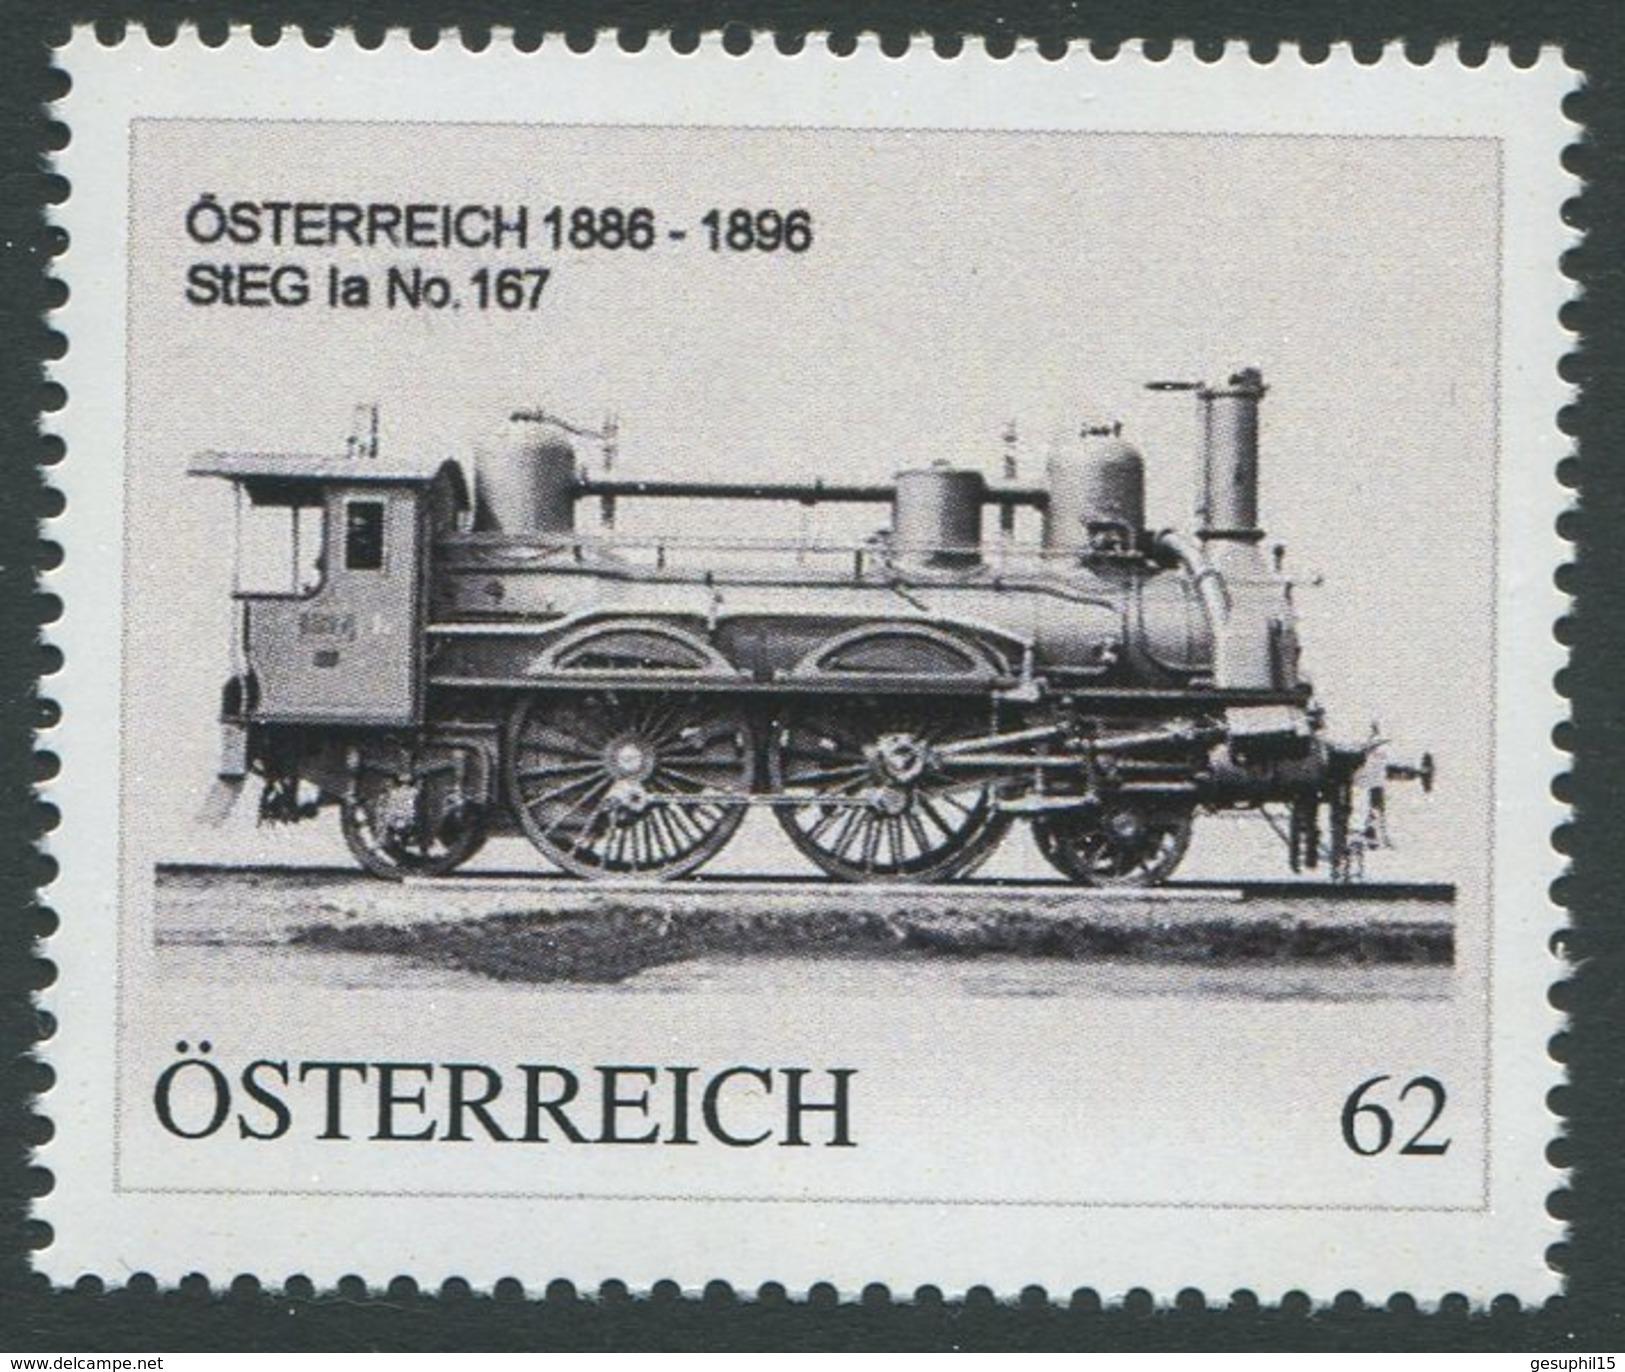 ÖSTERREICH / Lokomotive 1886-1896 StEG Ia No.167 / Postfrisch / ** / MNH - Personalisierte Briefmarken